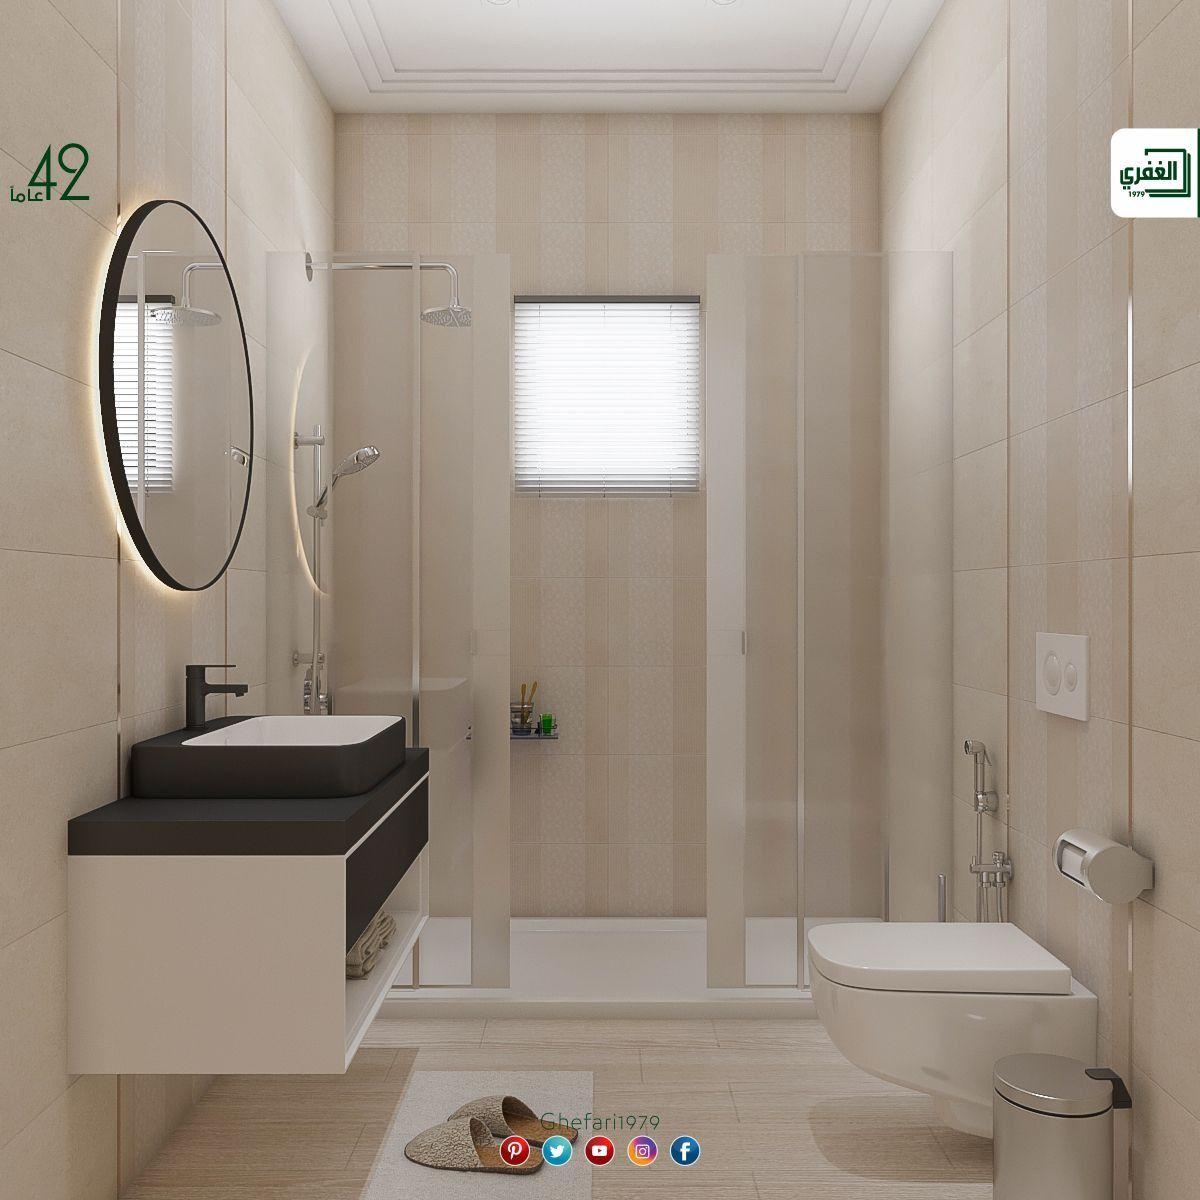 بلاط أسباني للاستخدام داخل الحمامات المطابخ اماكن اخرى للمزيد زورونا على موقع الشركة Https In 2021 Round Mirror Bathroom Bathroom Mirror Lighted Bathroom Mirror